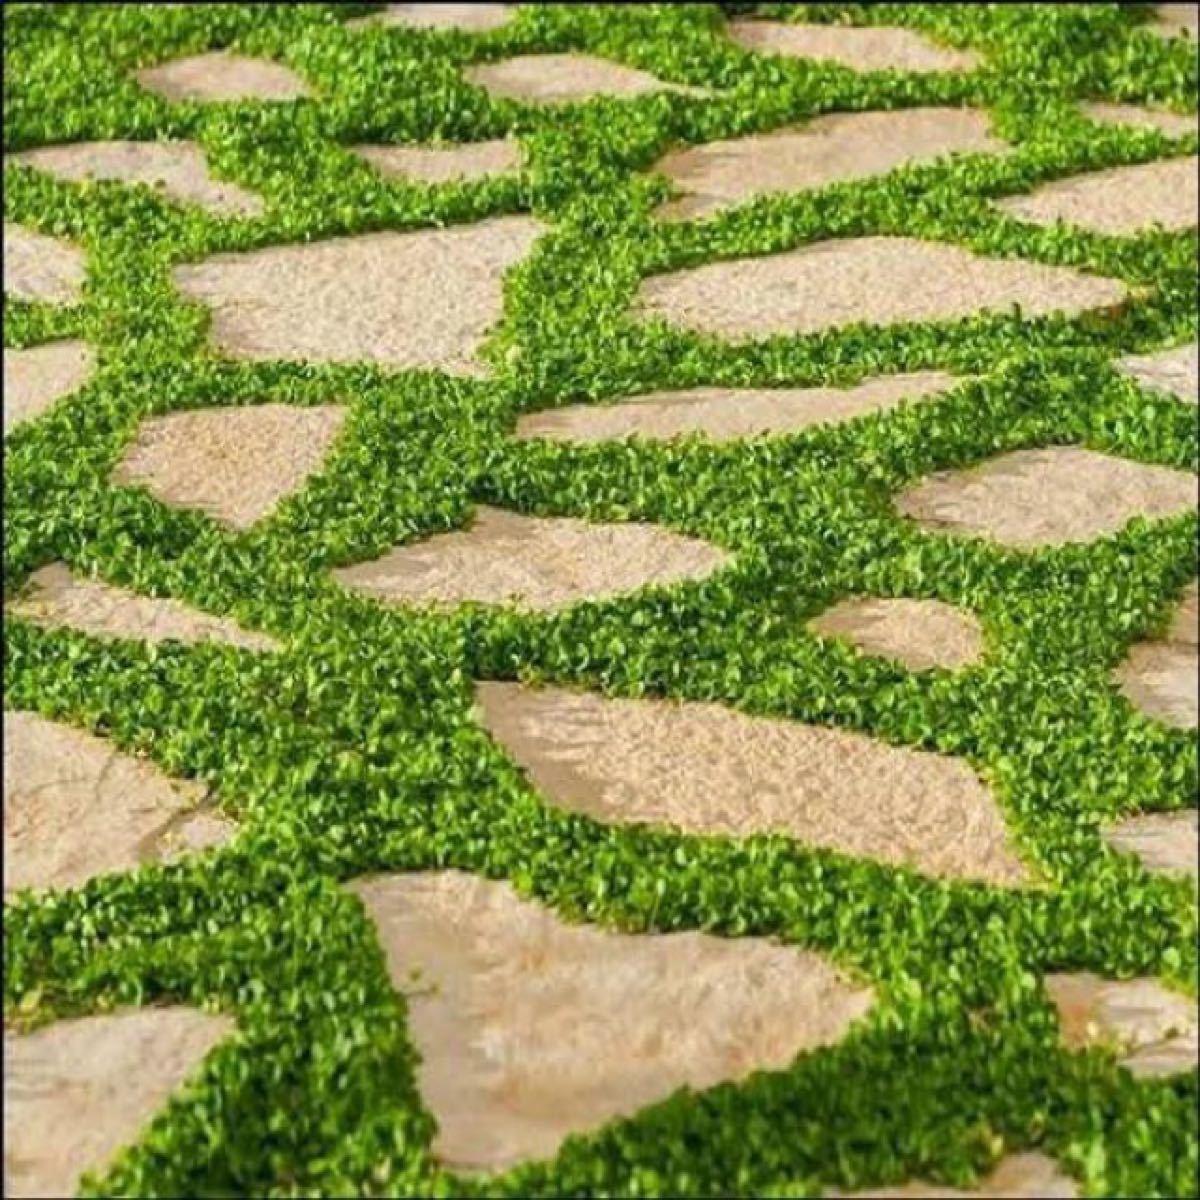 【最安値】ディコンドラ、ダイカンドラ50g種子。お洒落なグランドカバー、芝生へ